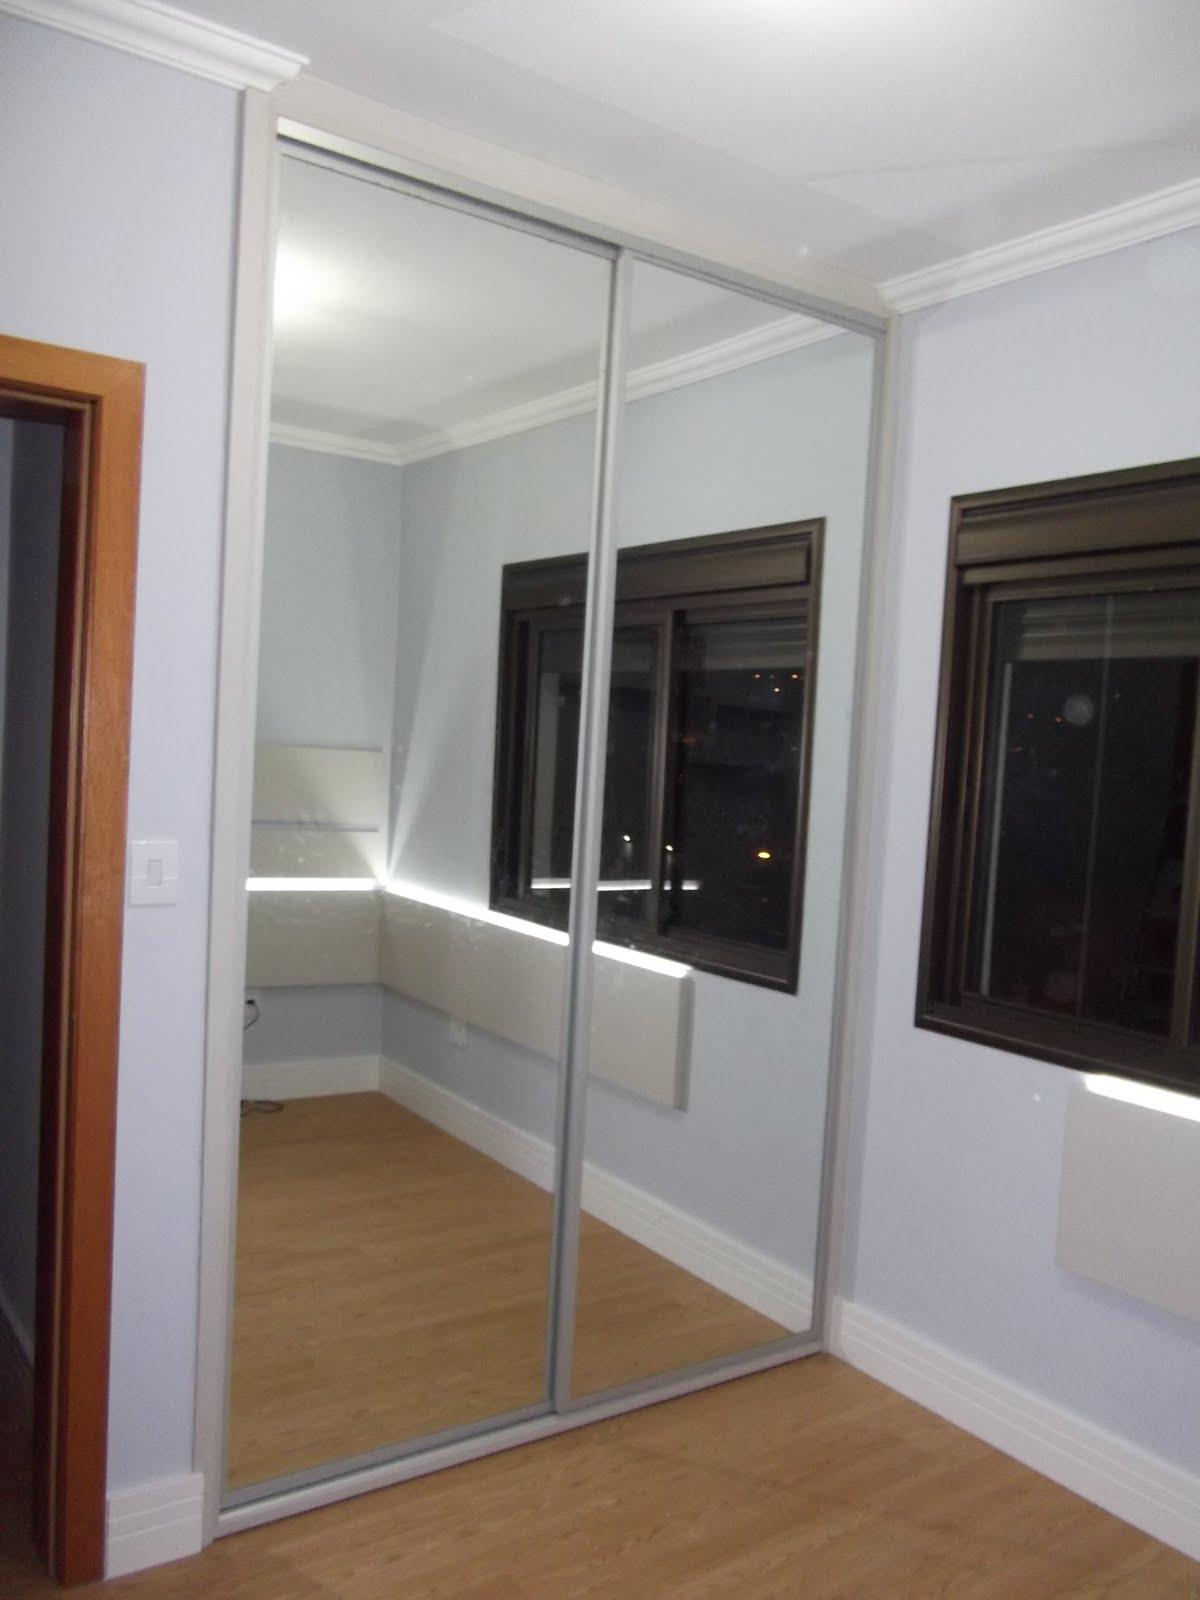 #694330 Guarda roupa em MDF Lineo Têxtil 25mm portas de correr em perfil de  1822 Janela De Aluminio Porto Alegre